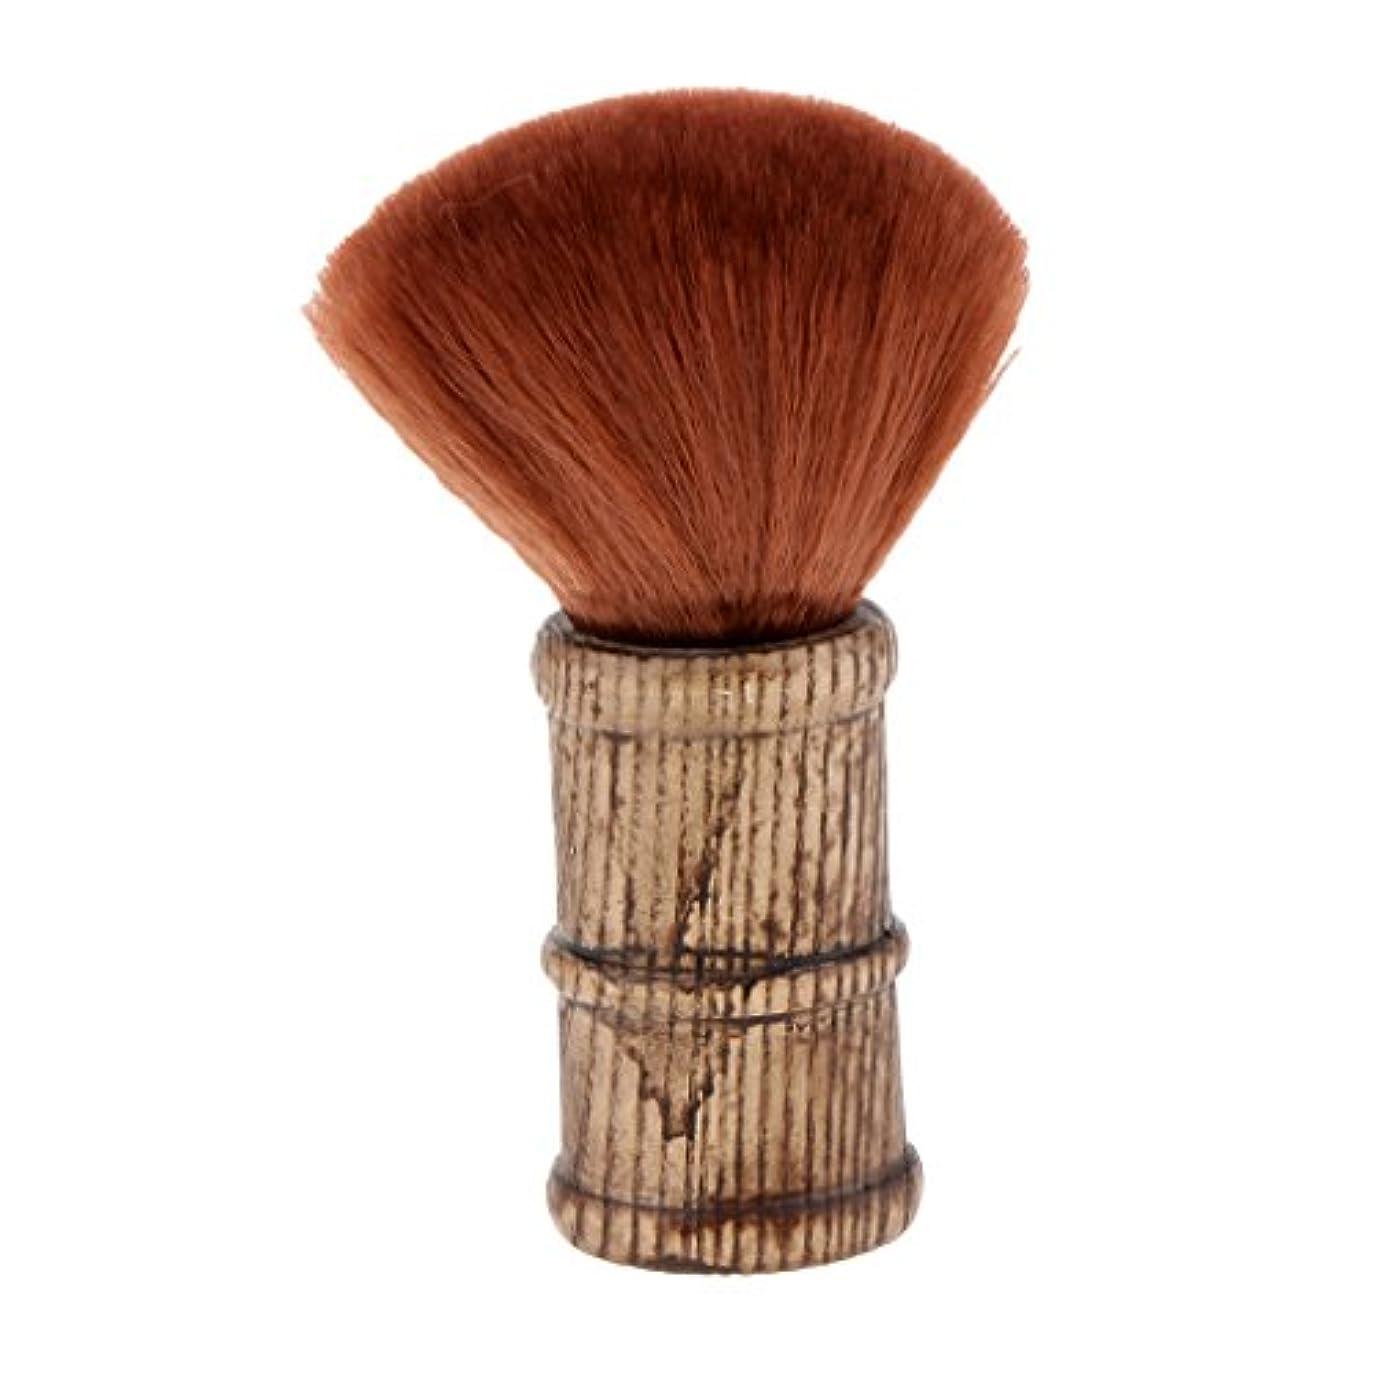 正統派通常確認してくださいヘアカット 散髪 クリーニングヘアブラシ ネックダスターブラシ ヘアスイープブラシ 2色選べる - 褐色